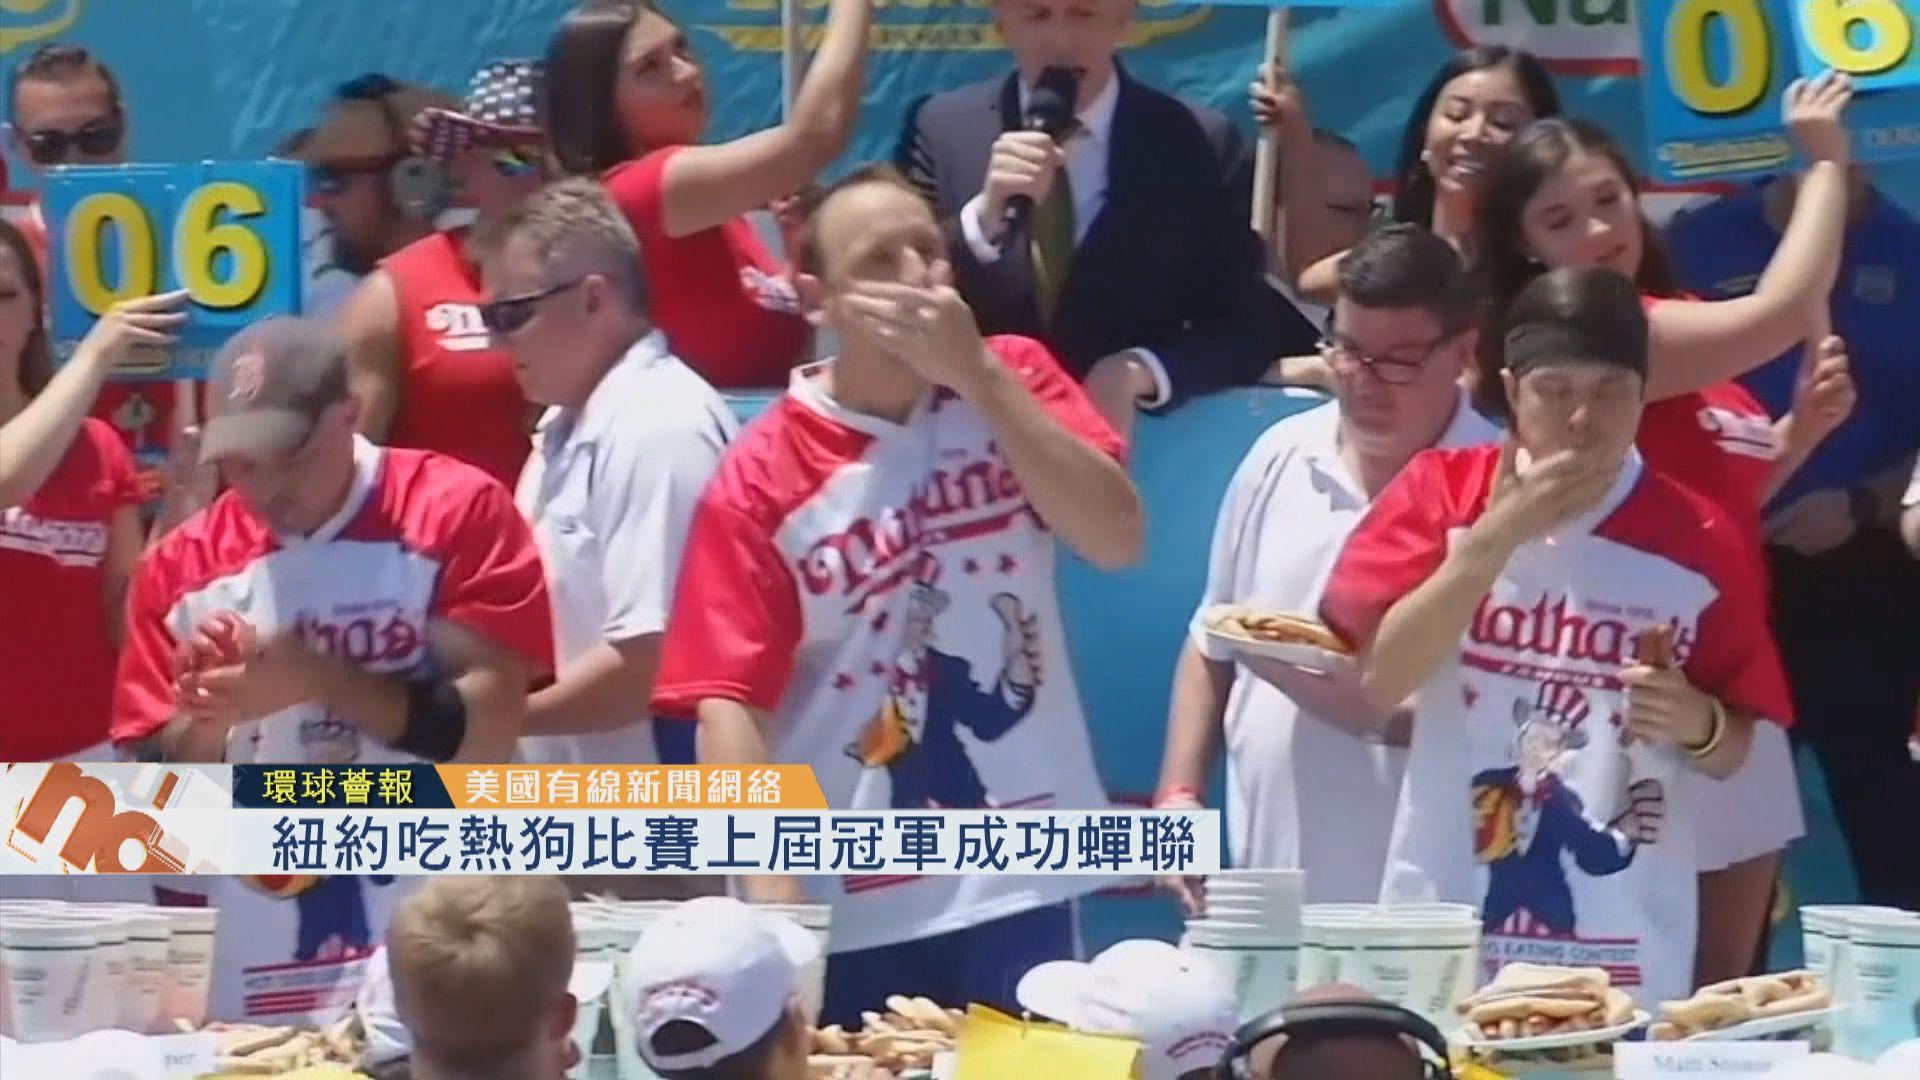 【環球薈報】紐約吃熱狗比賽冠軍成功蟬聯